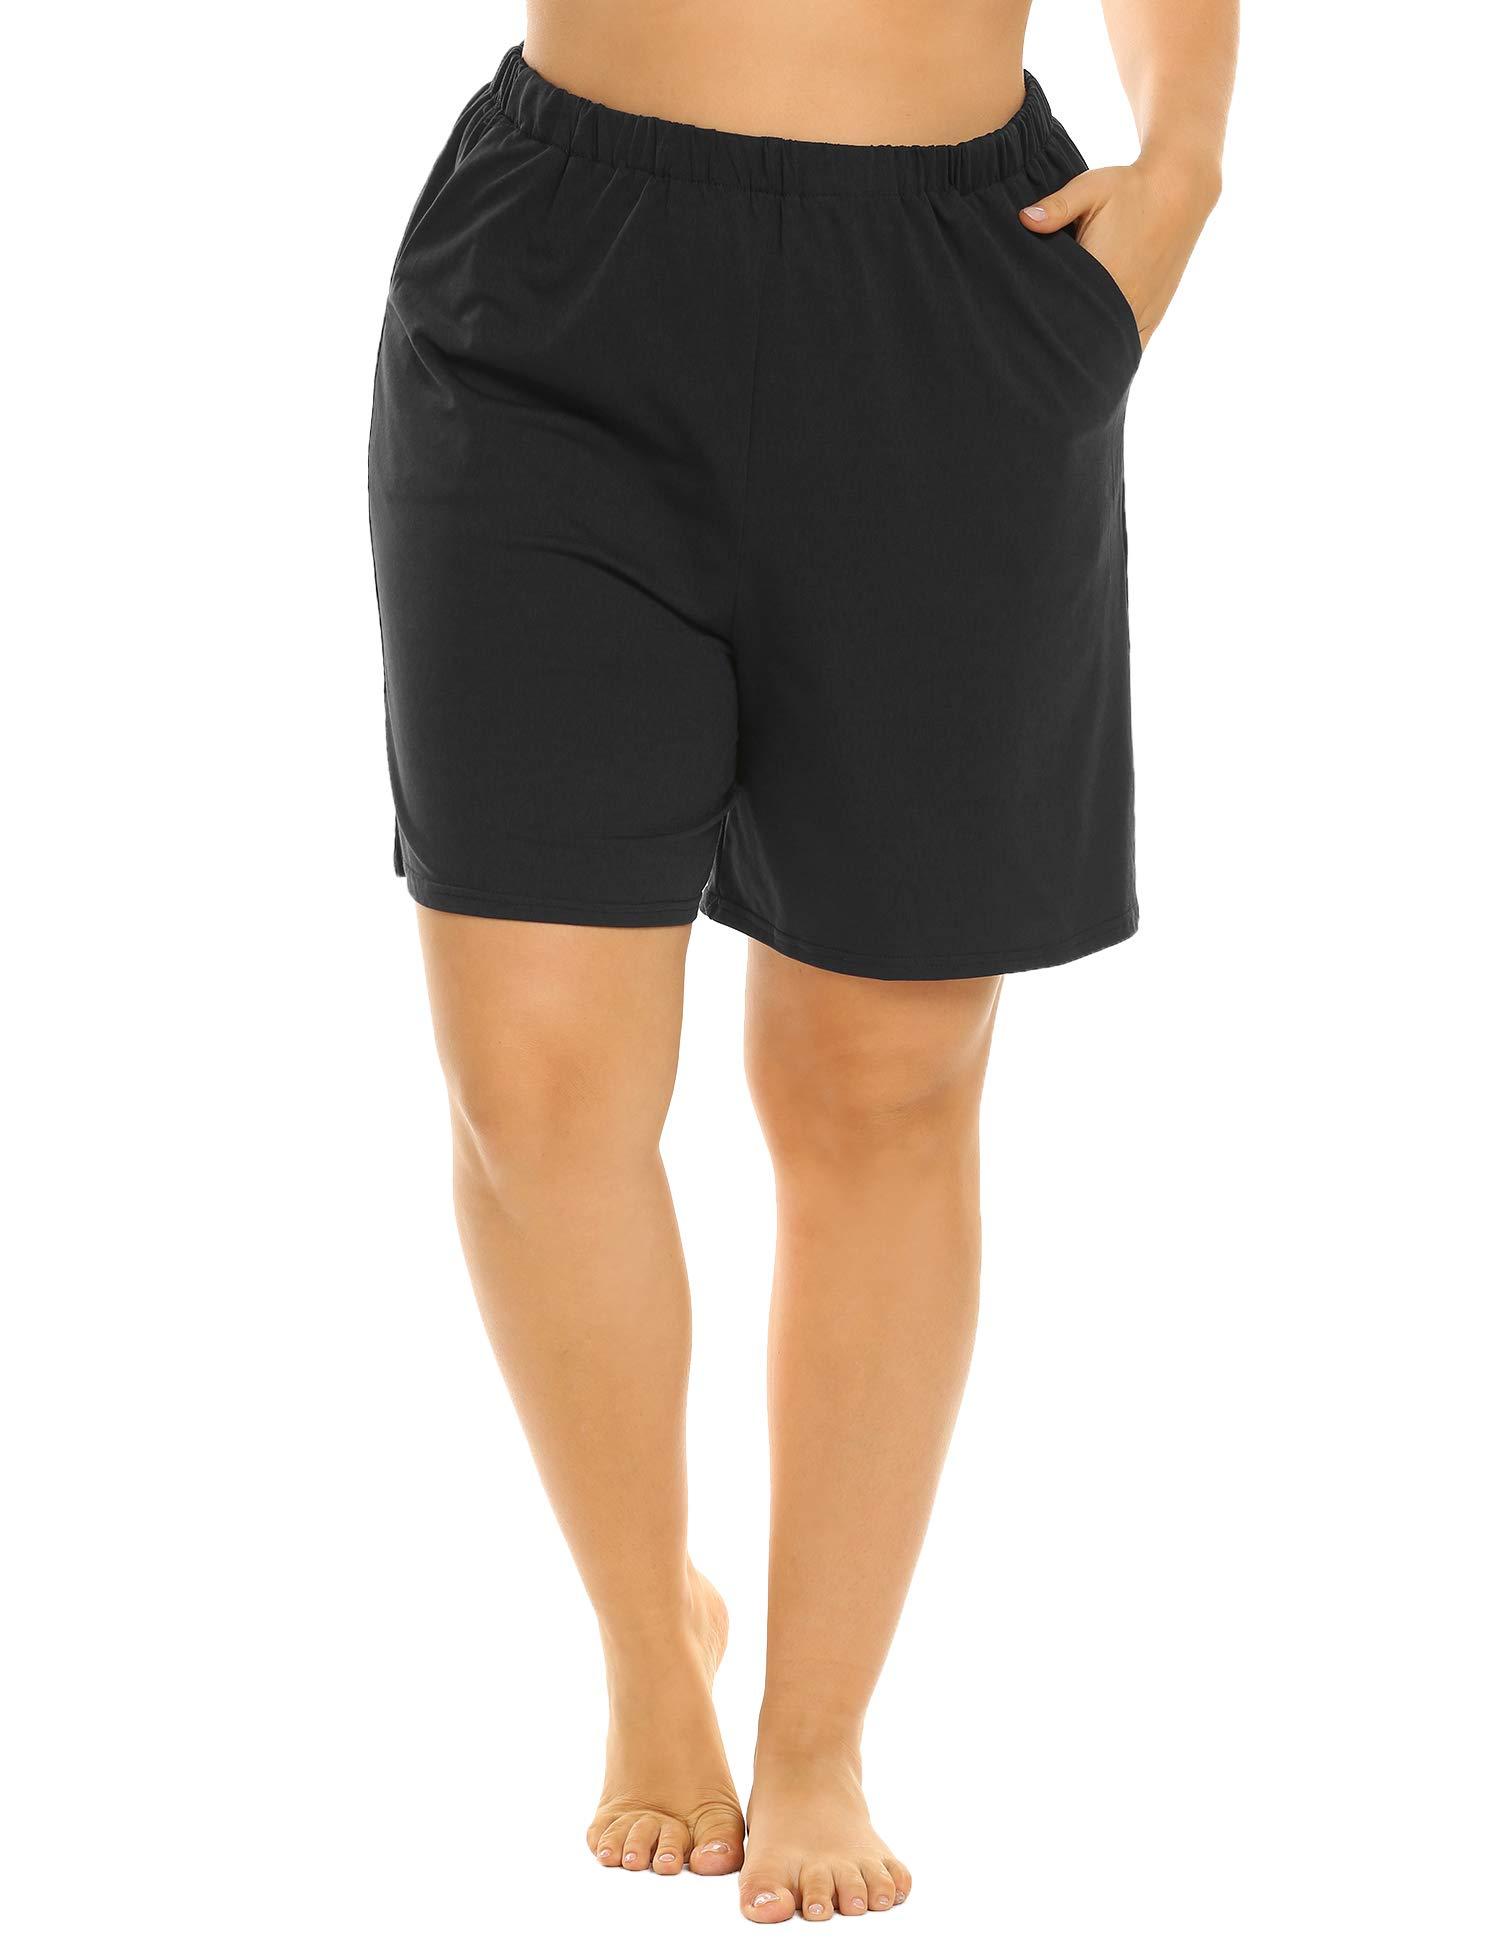 Involand Plus Size Shorts Pajama CottonShorts Lounge Shorts Sleep Shorts with SidePockets for Women